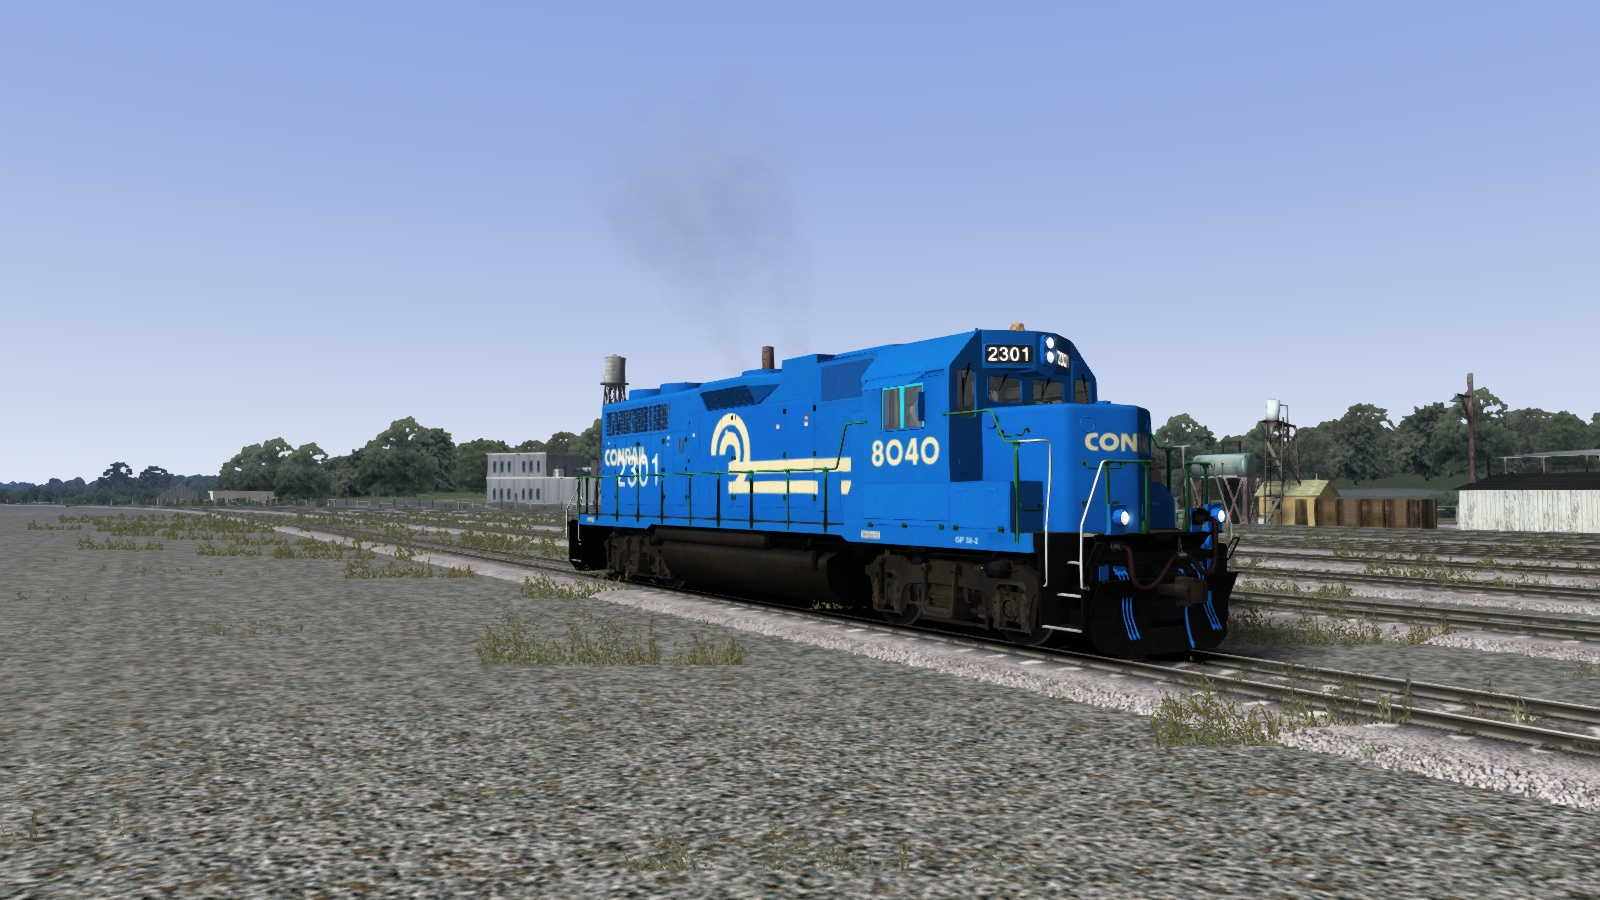 Railworks America • View topic - Conrail GP38-2